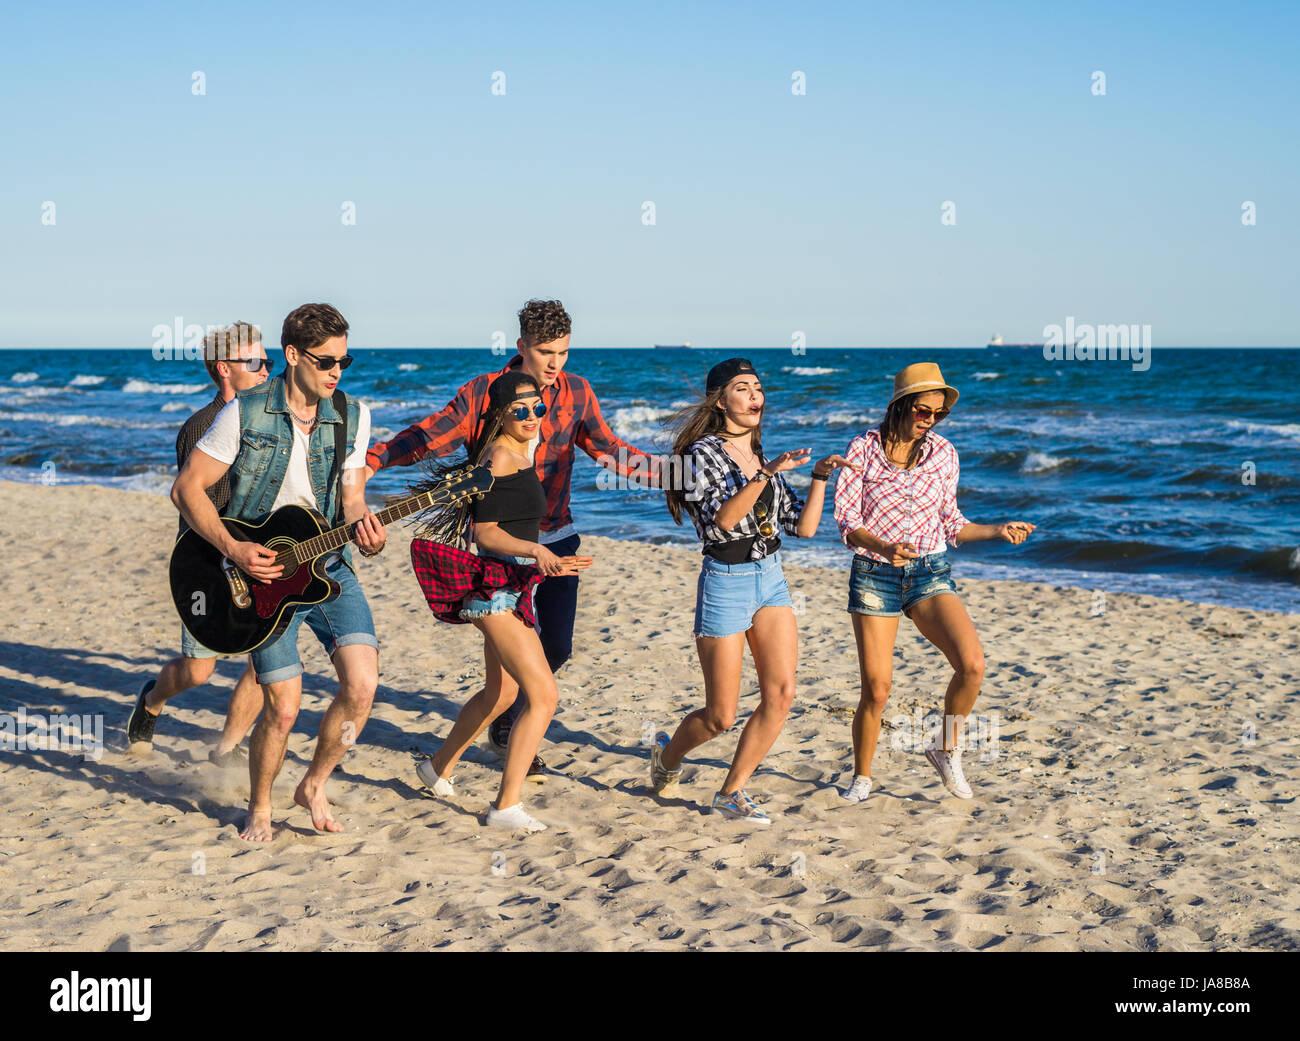 Fiesta en la playa con la guitarra. Amigos bailando juntos en la playa. Imagen De Stock